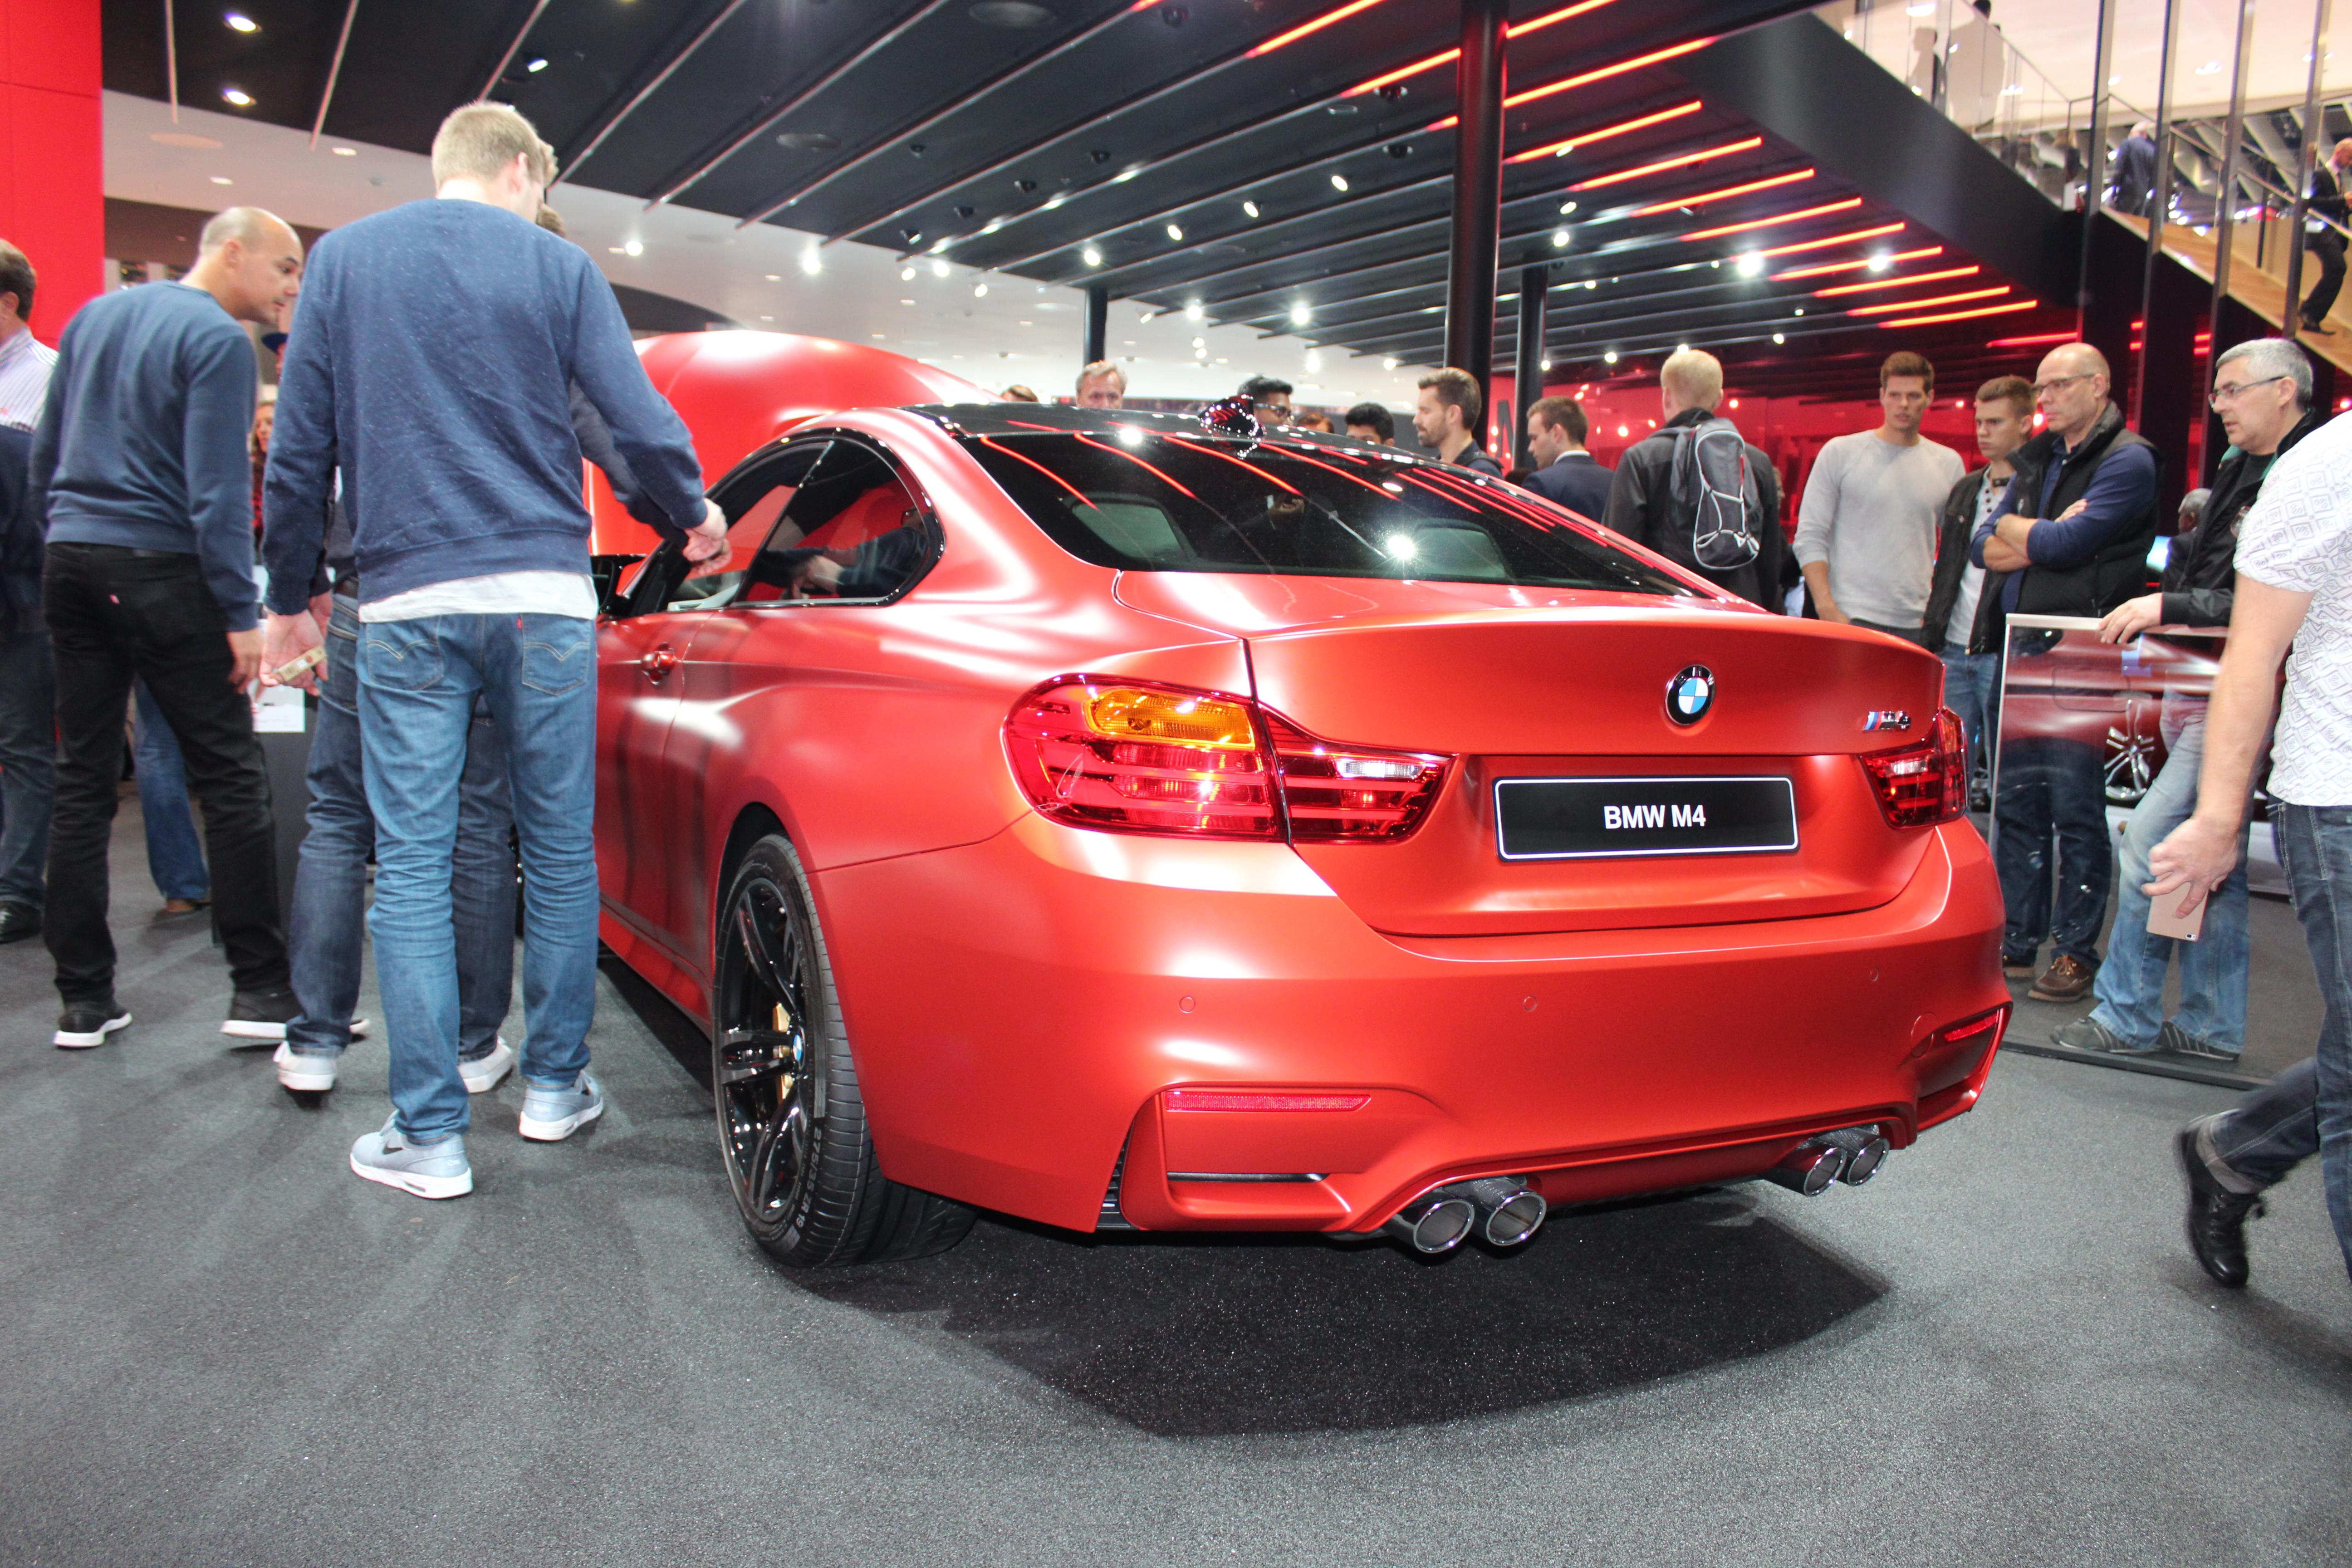 BMW M4 i någon sorts hallonsorbet-färg. En riktig feting!